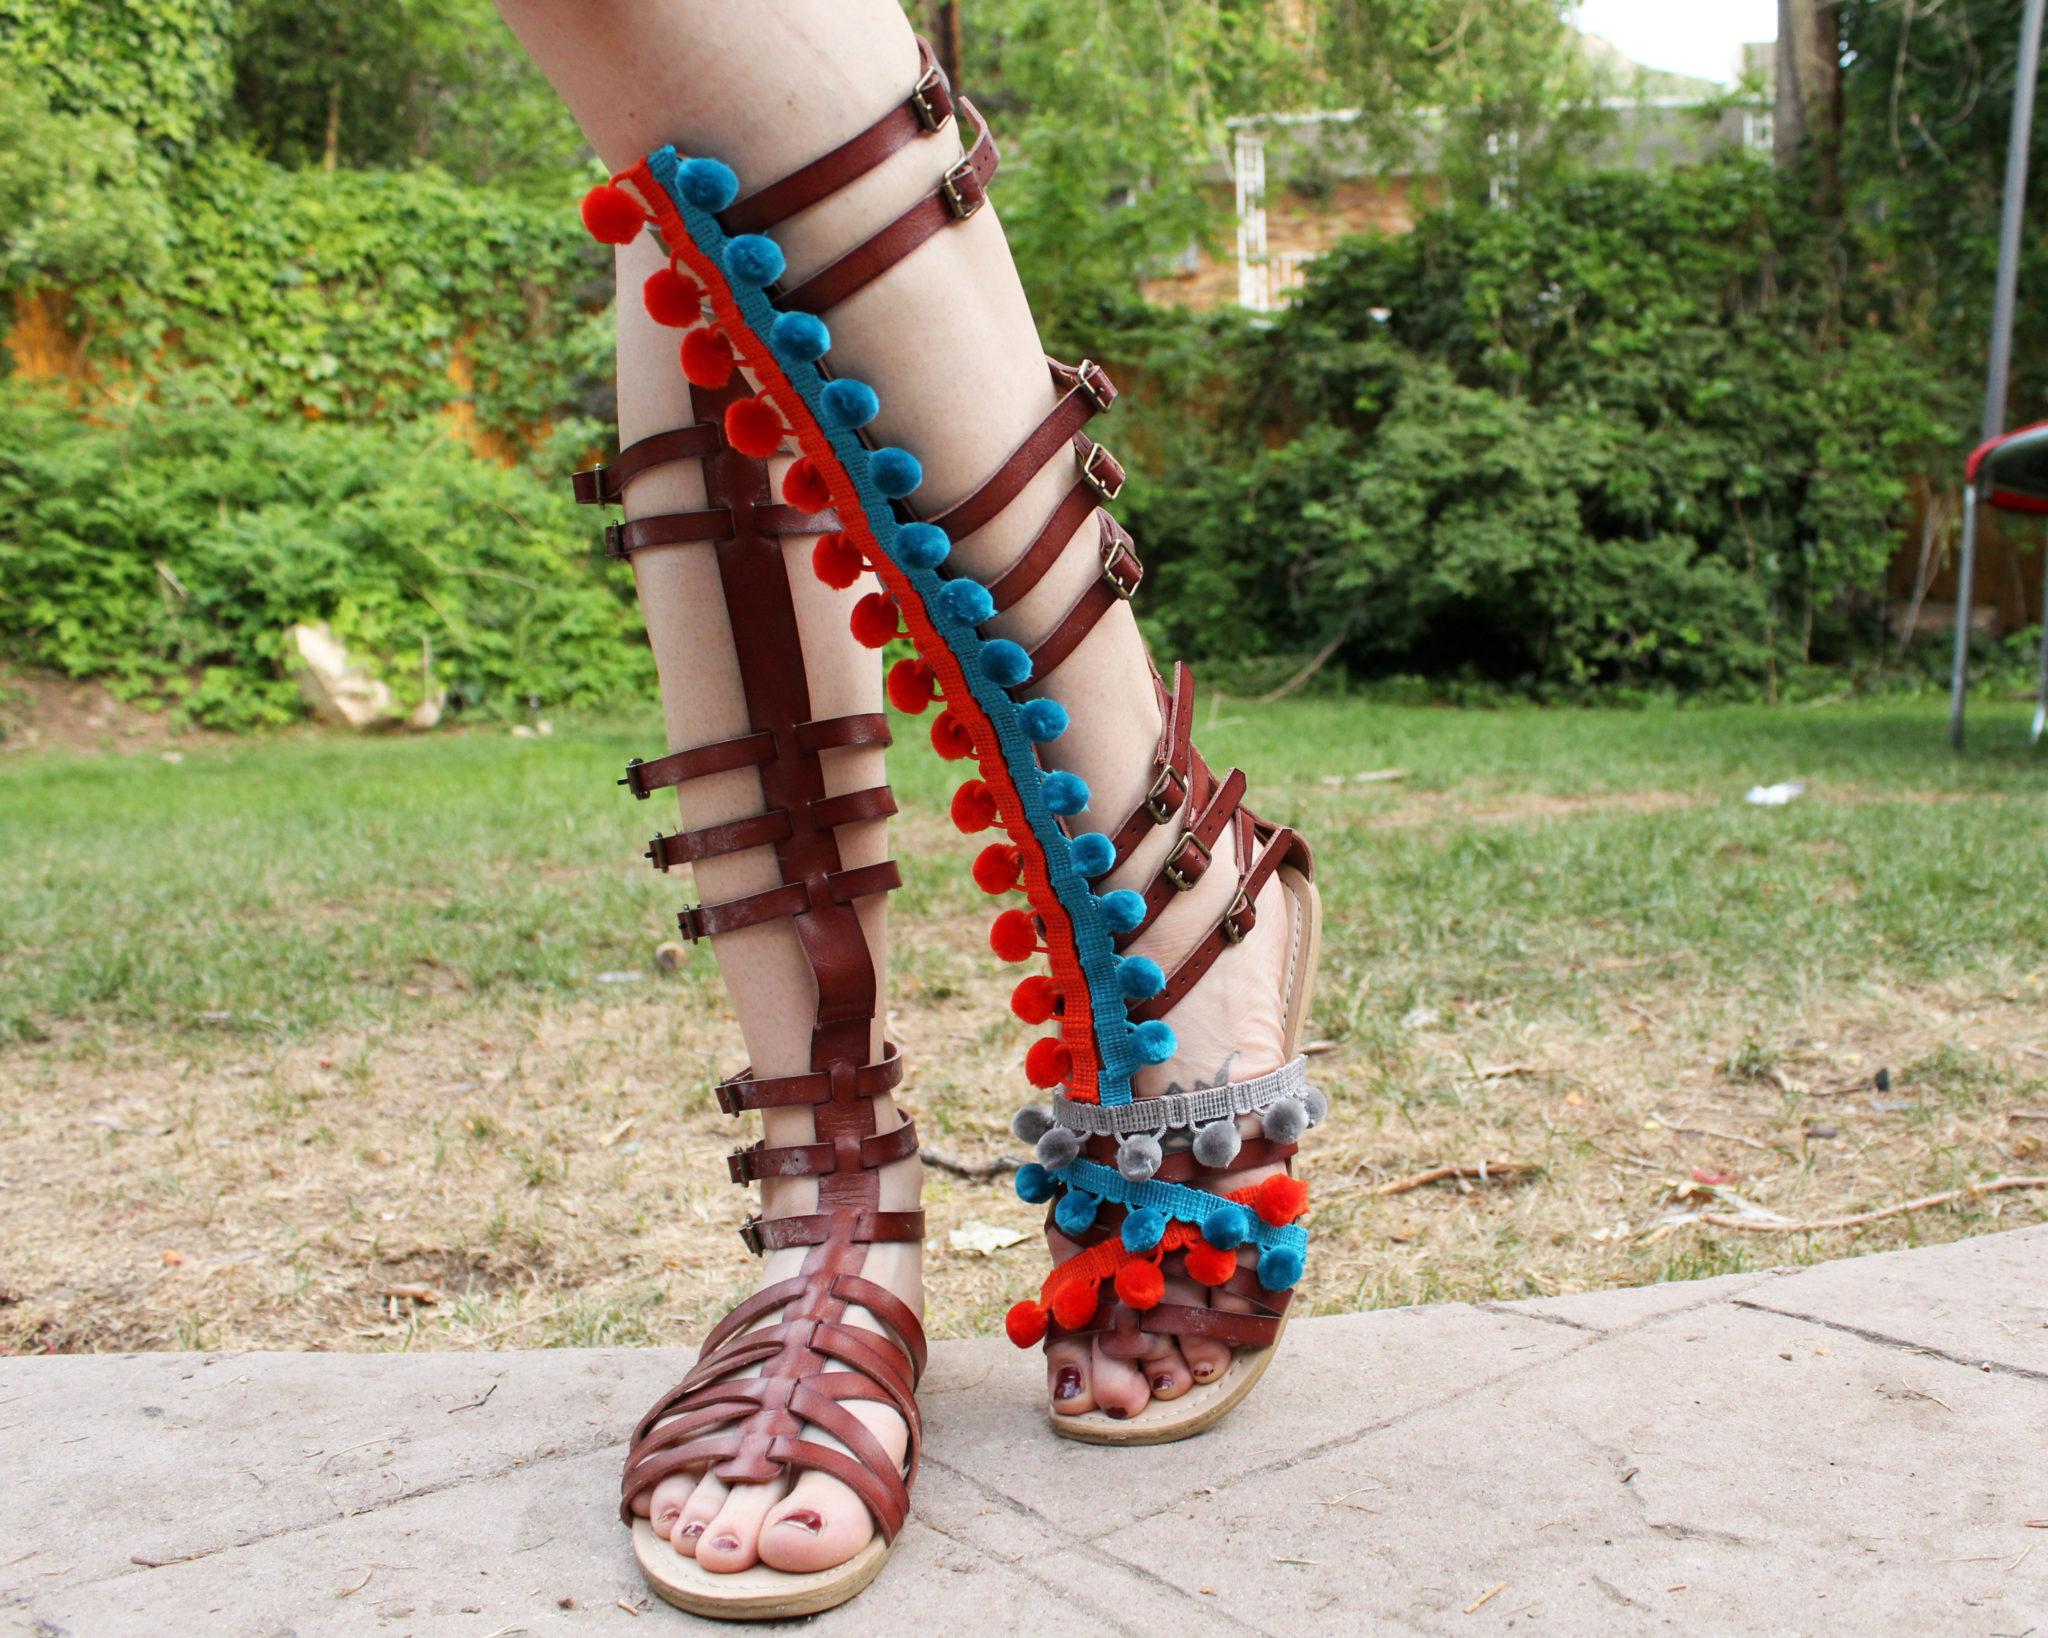 8bd2855308a26b 2 Easy Ways to Make DIY Pom Pom Sandals - Creative Fashion Blog